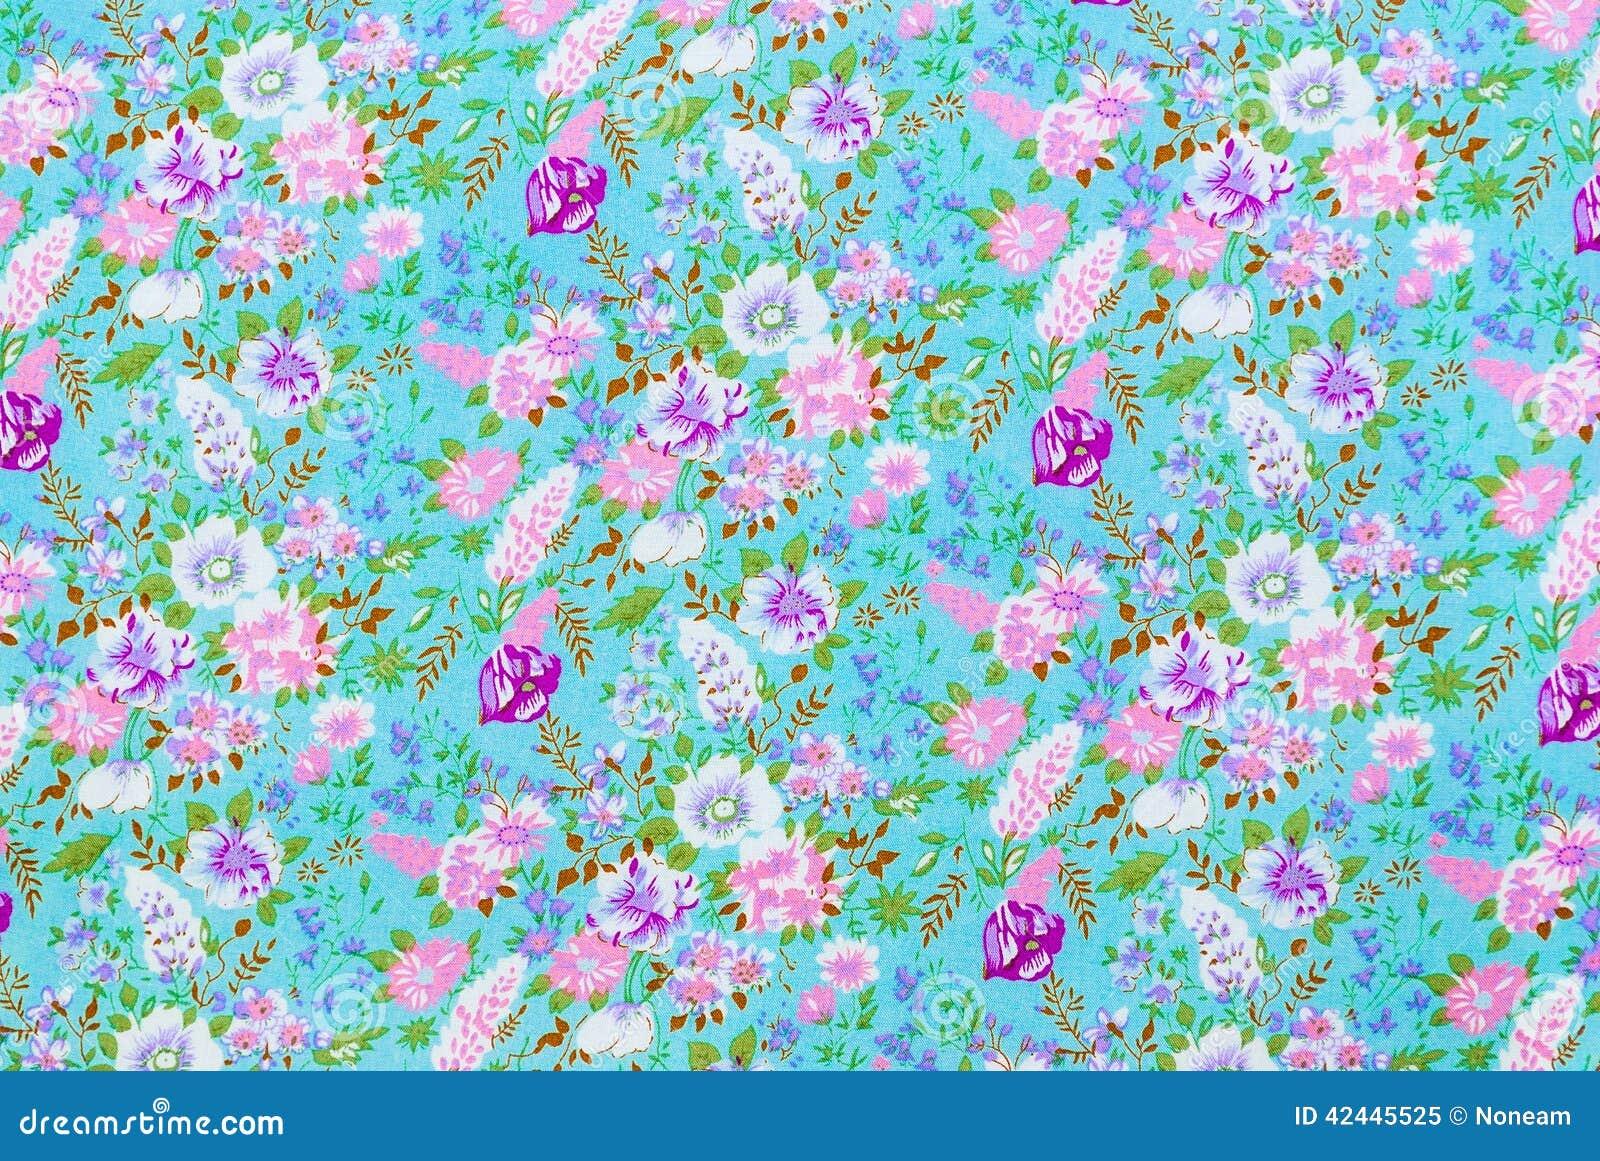 Textura del fondo de las flores púrpuras y blancas